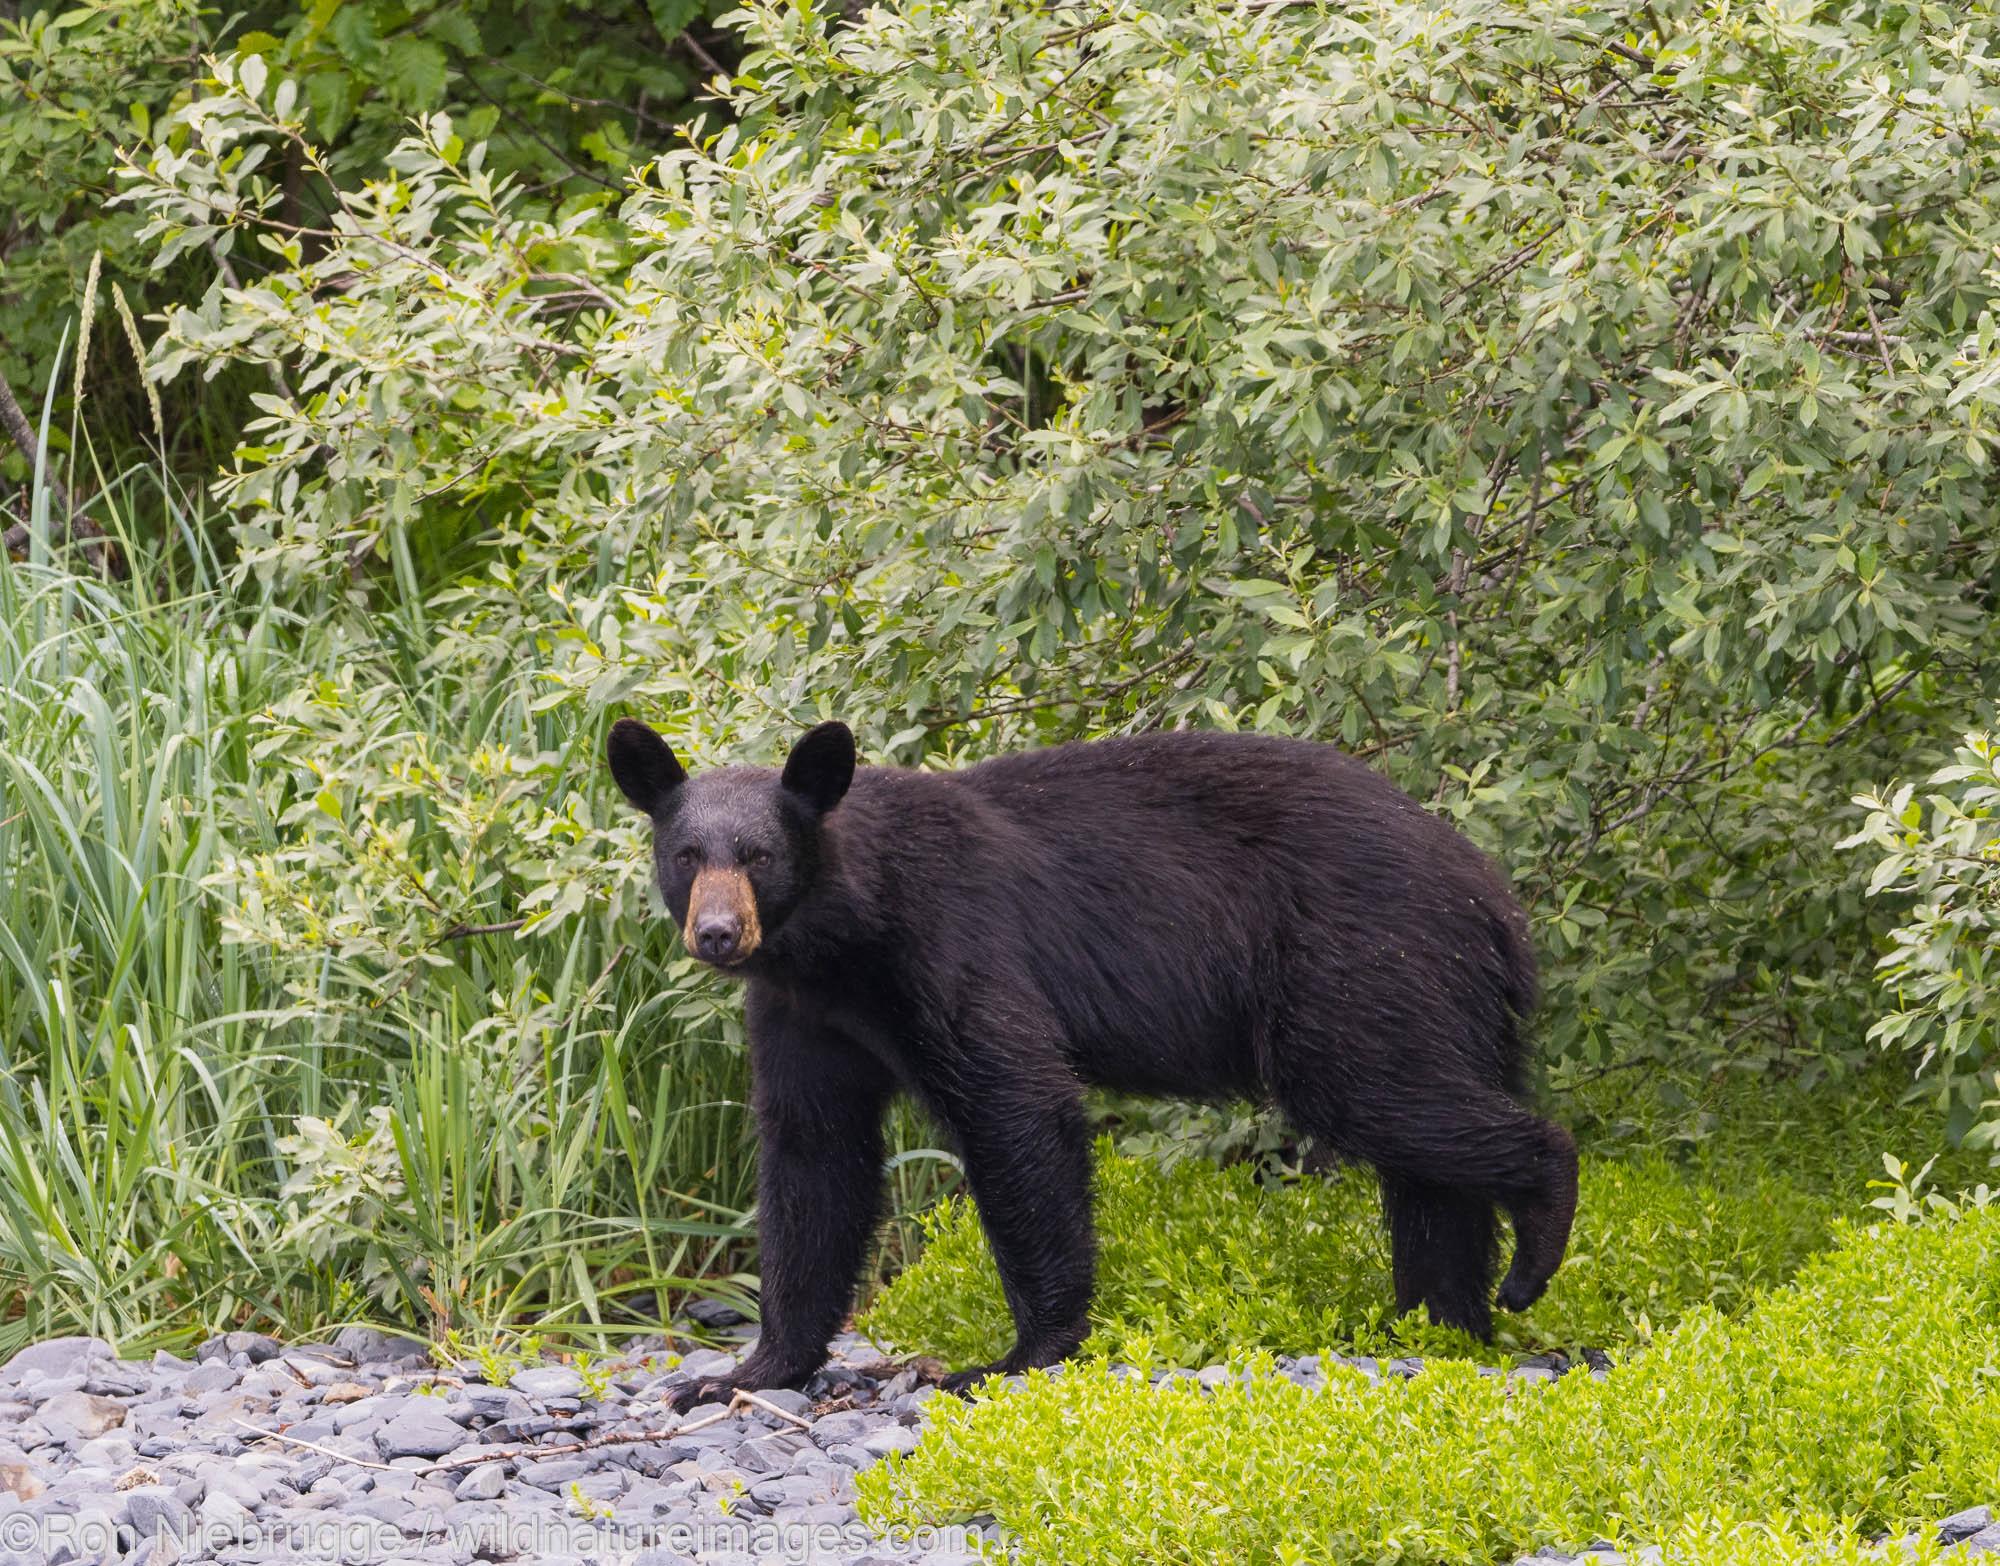 Black Bear, Aialik Bay, Kenai Fjords National Park, near Seward, Alaska.